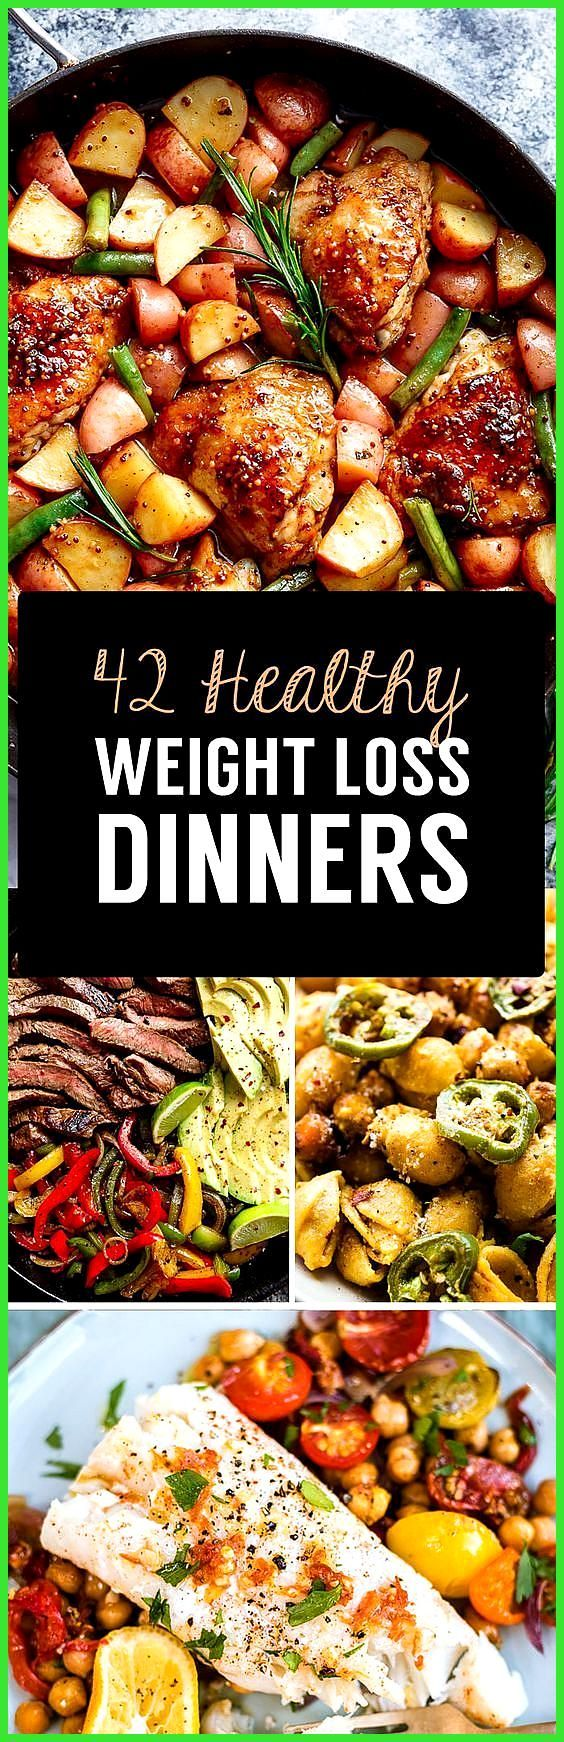 Leckere Mahlzeiten machen das Abnehmen schnell und einfach. Wenn Sie das Essen genießen, sind Sie #A...